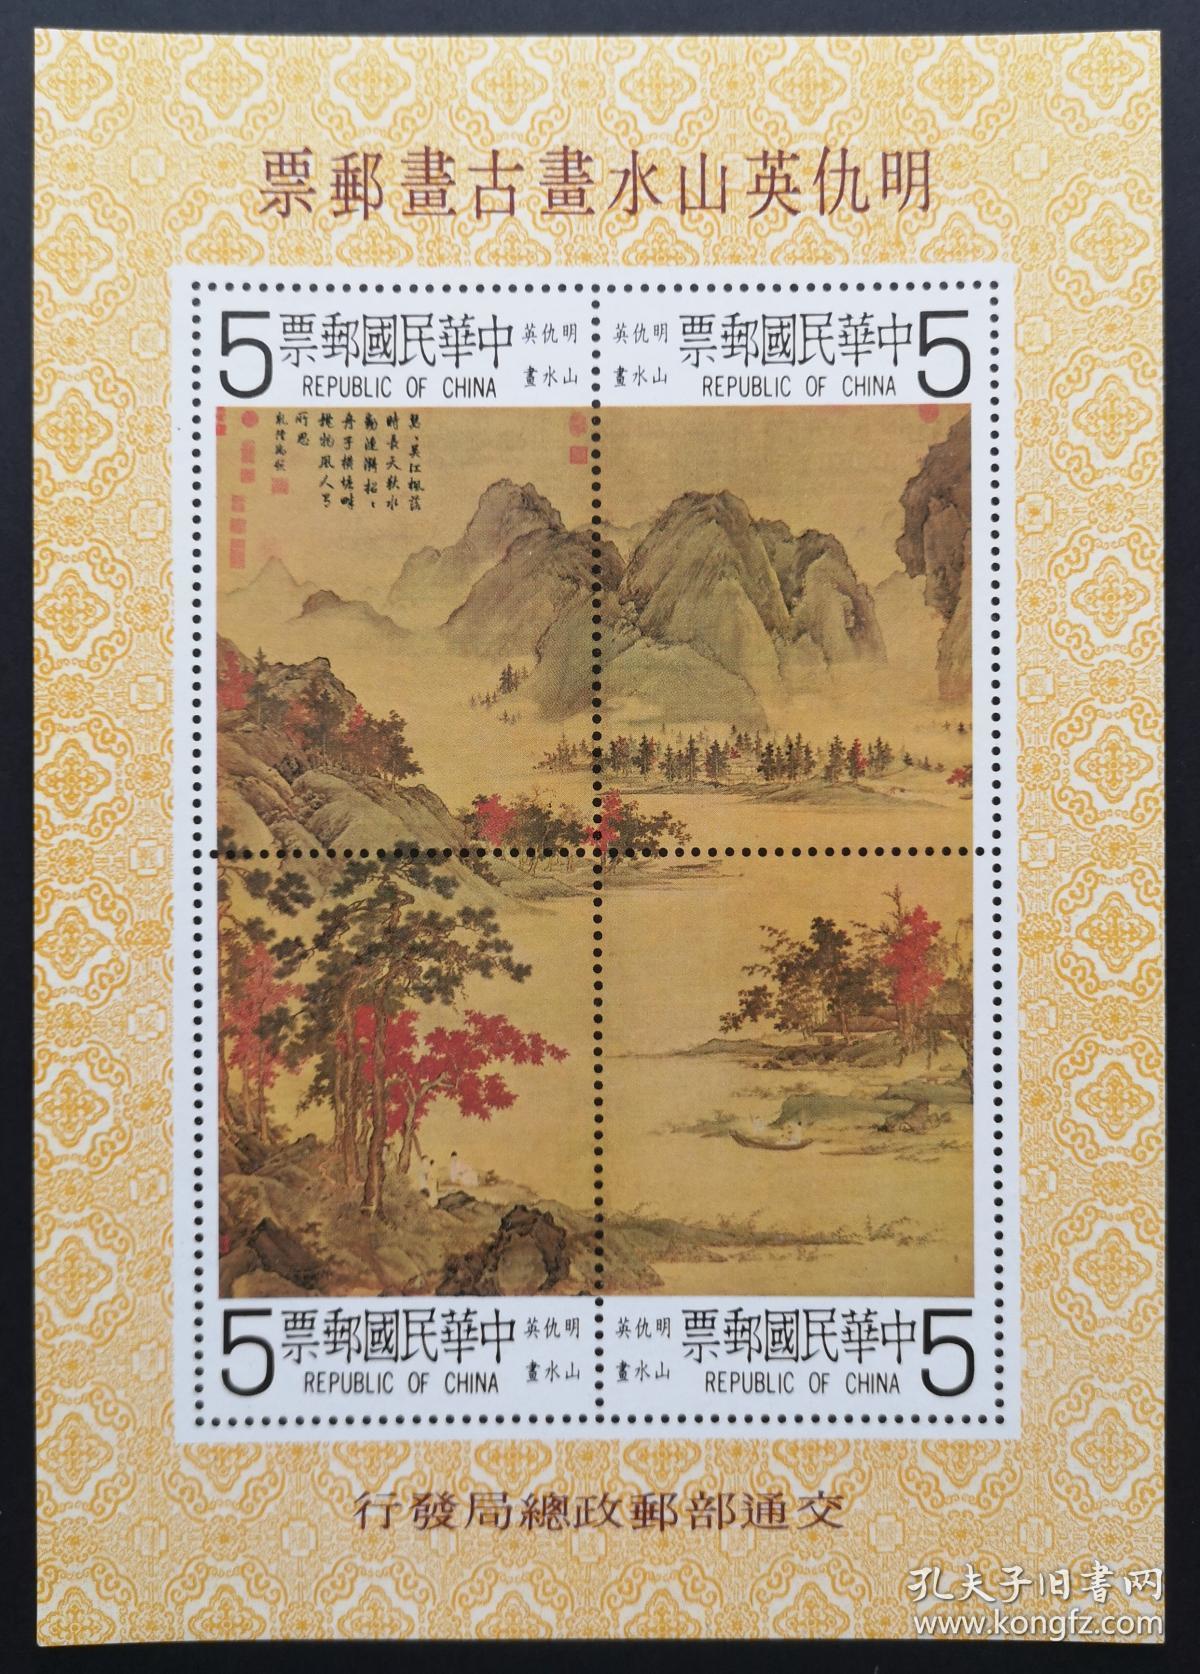 384 特专166明仇英山水画古画邮票小全张 回流原胶全品